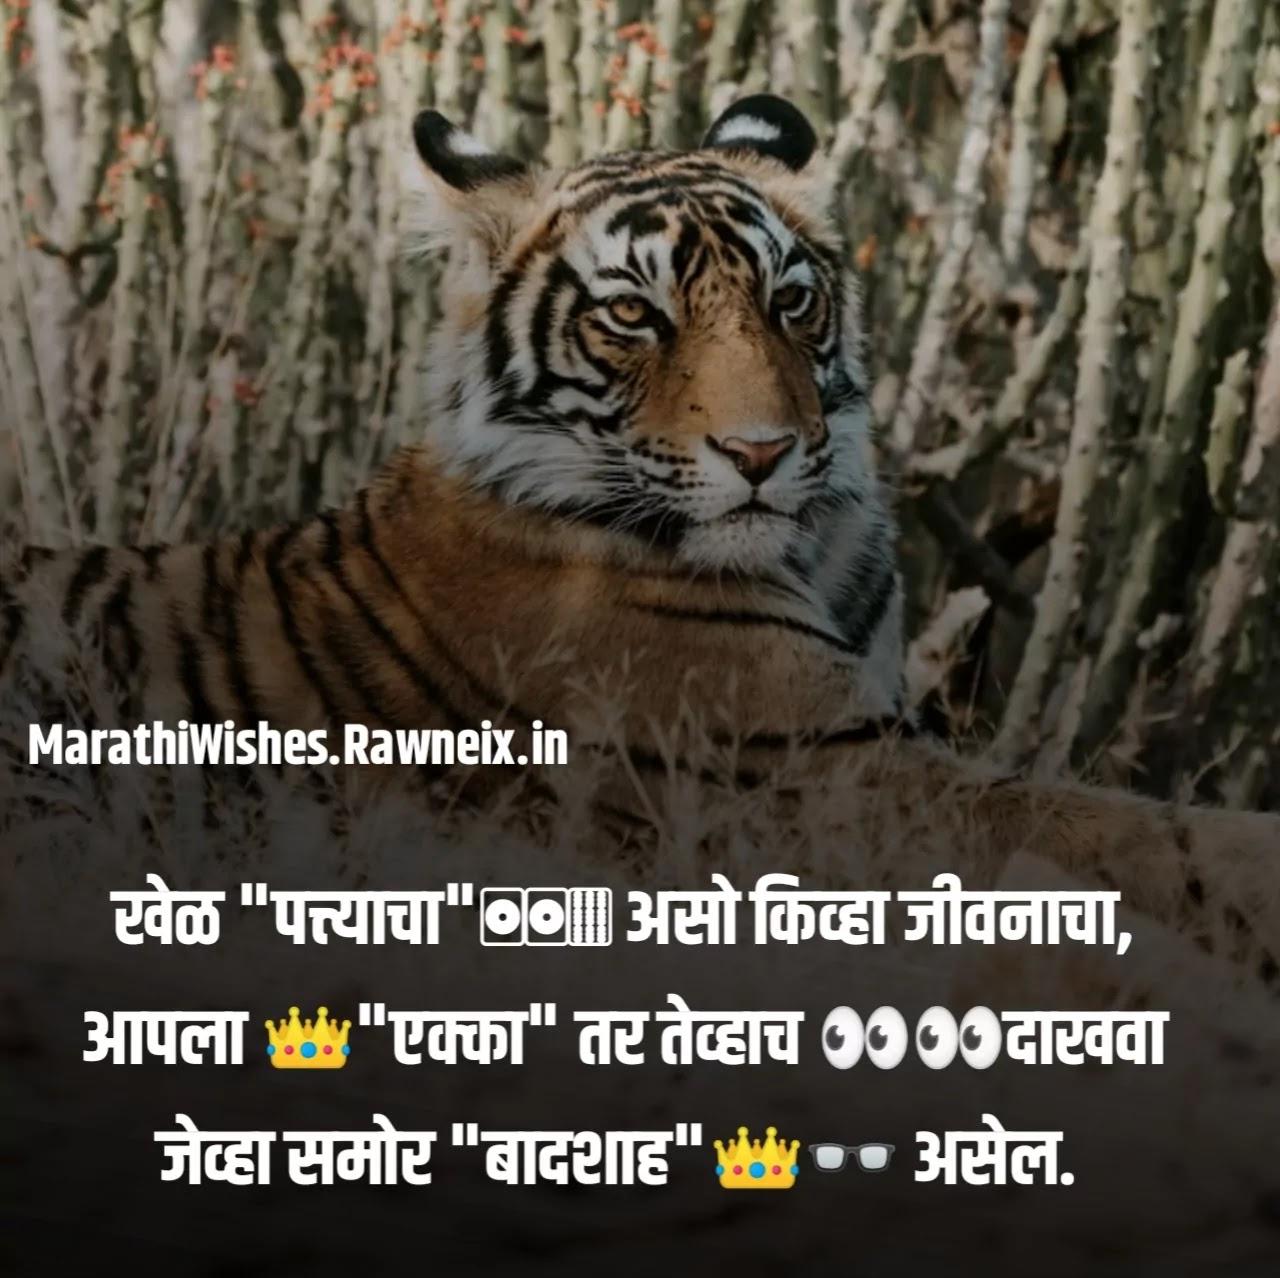 Bhaigiri Status Marathi